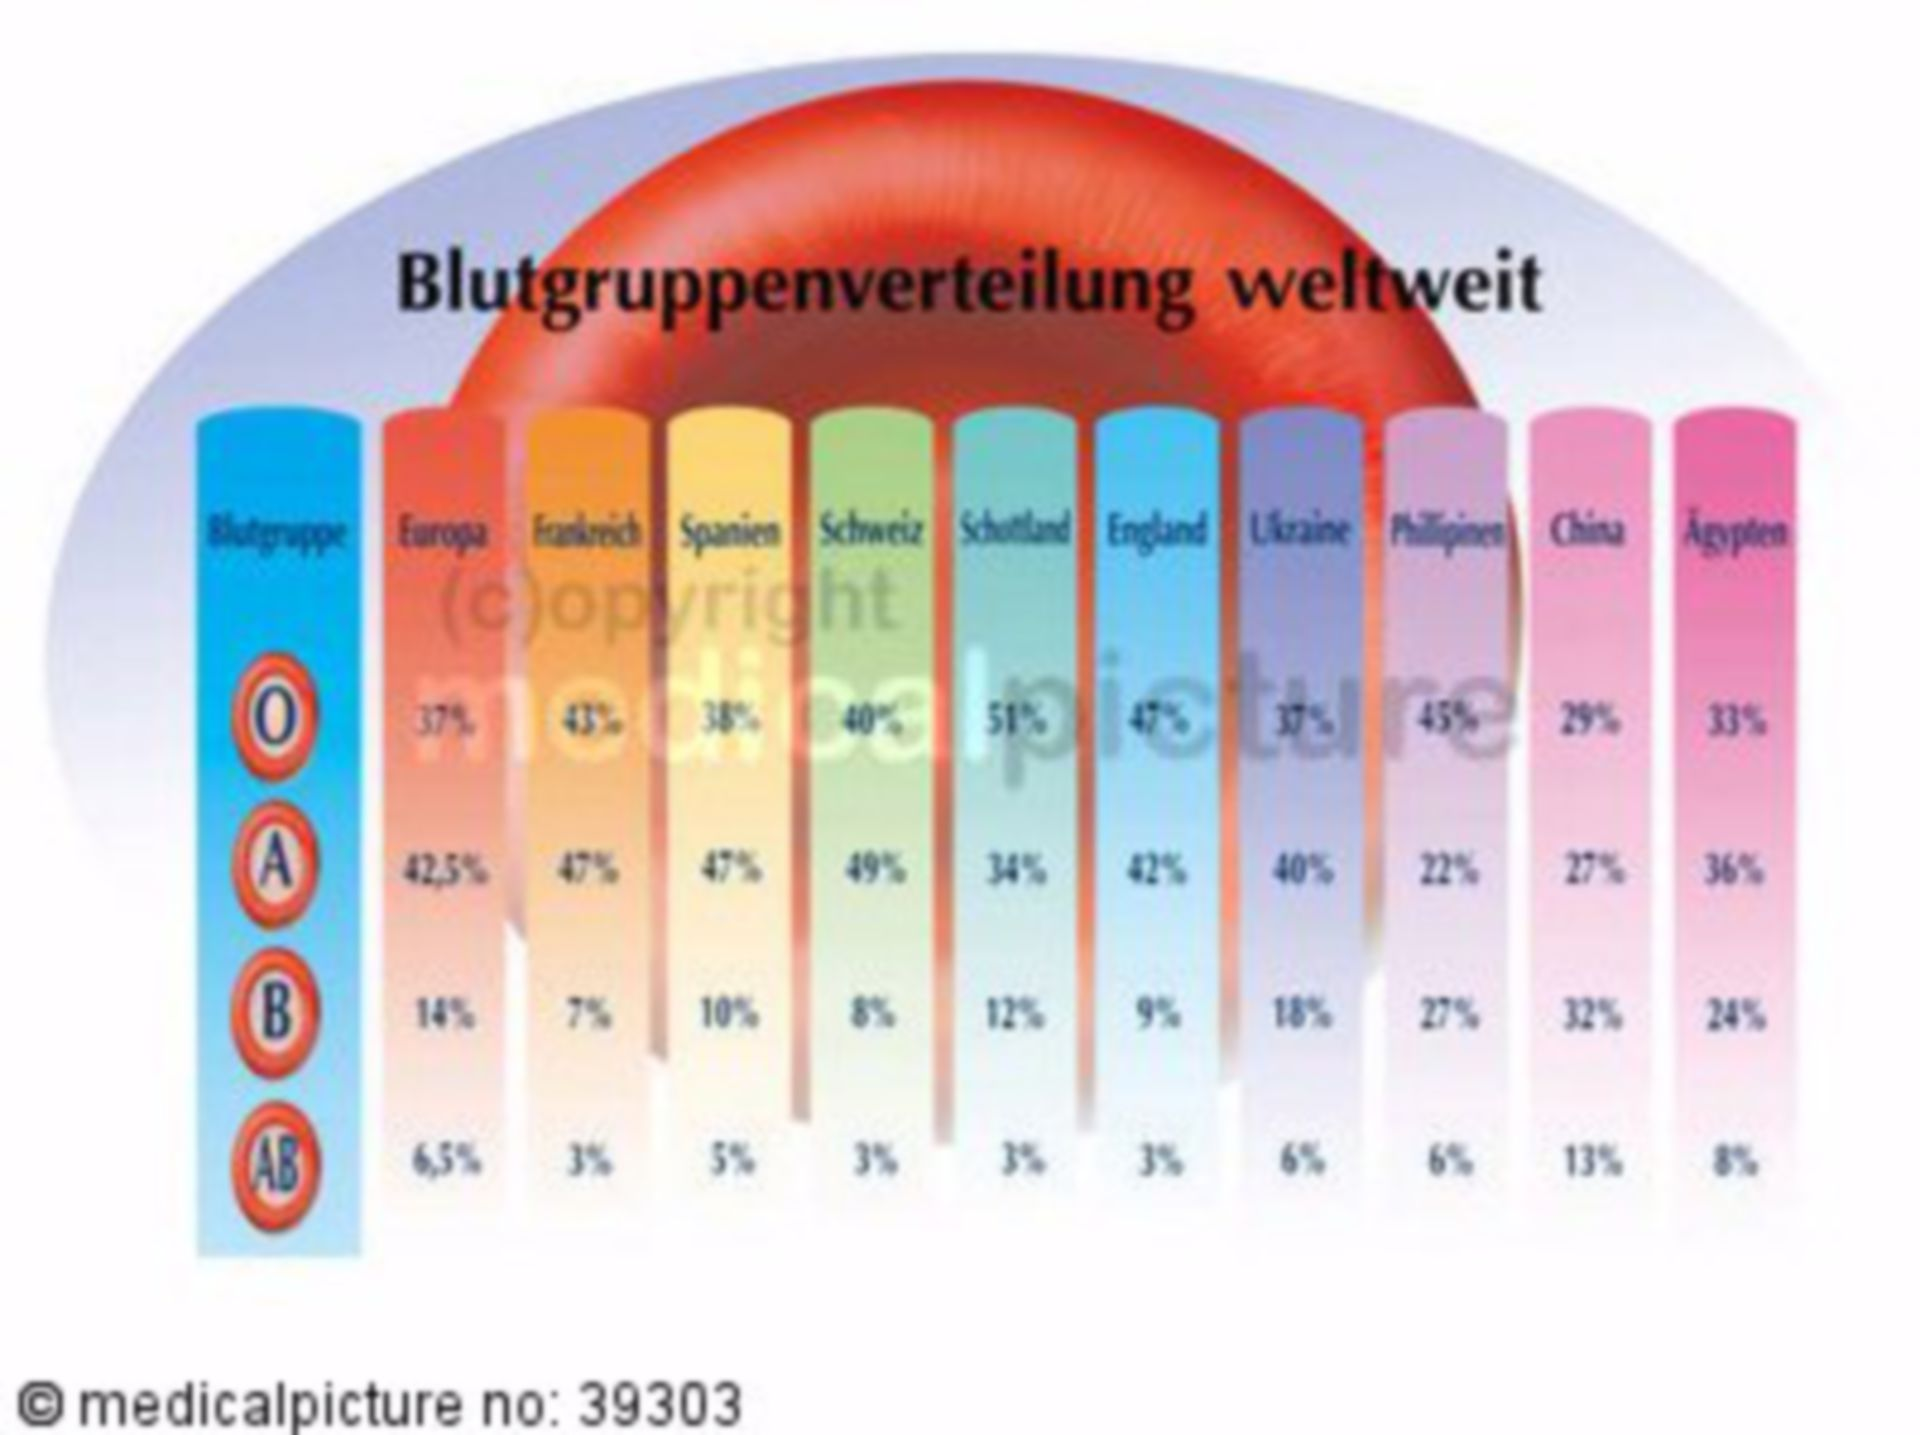 Blutgruppentypen, Verteilung weltweit